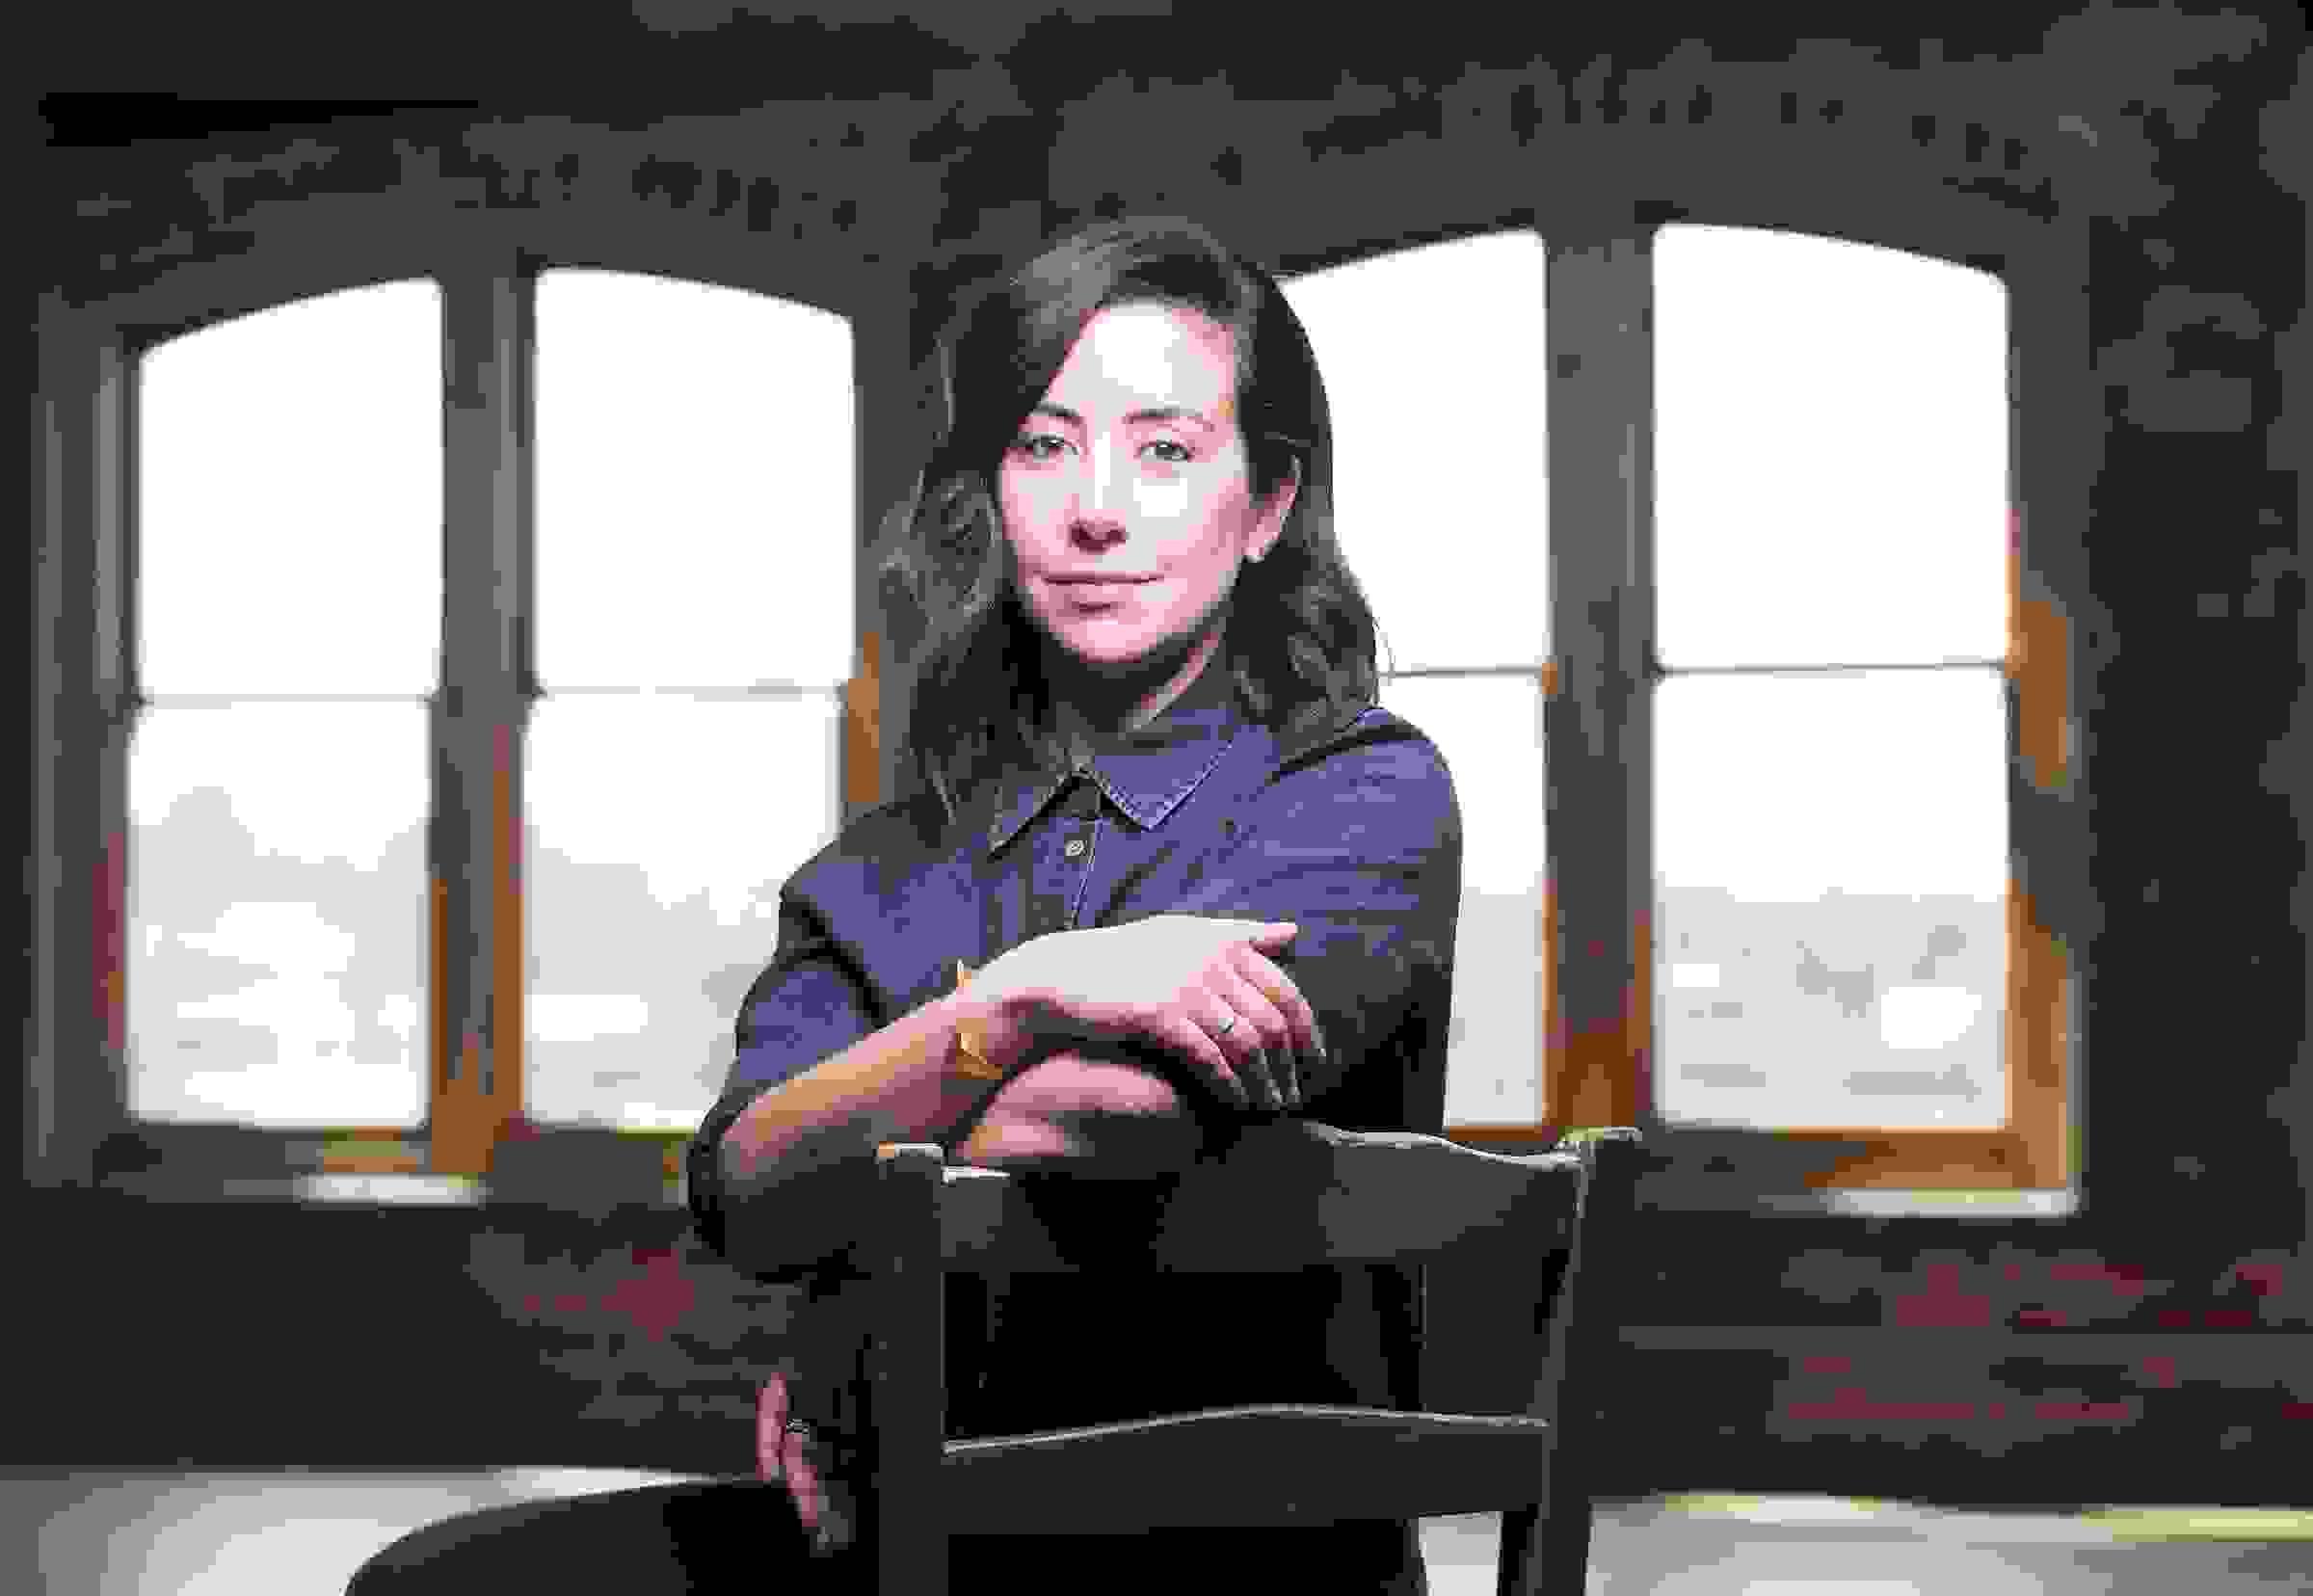 Sarah Krasnostein: The Trauma Cleaner